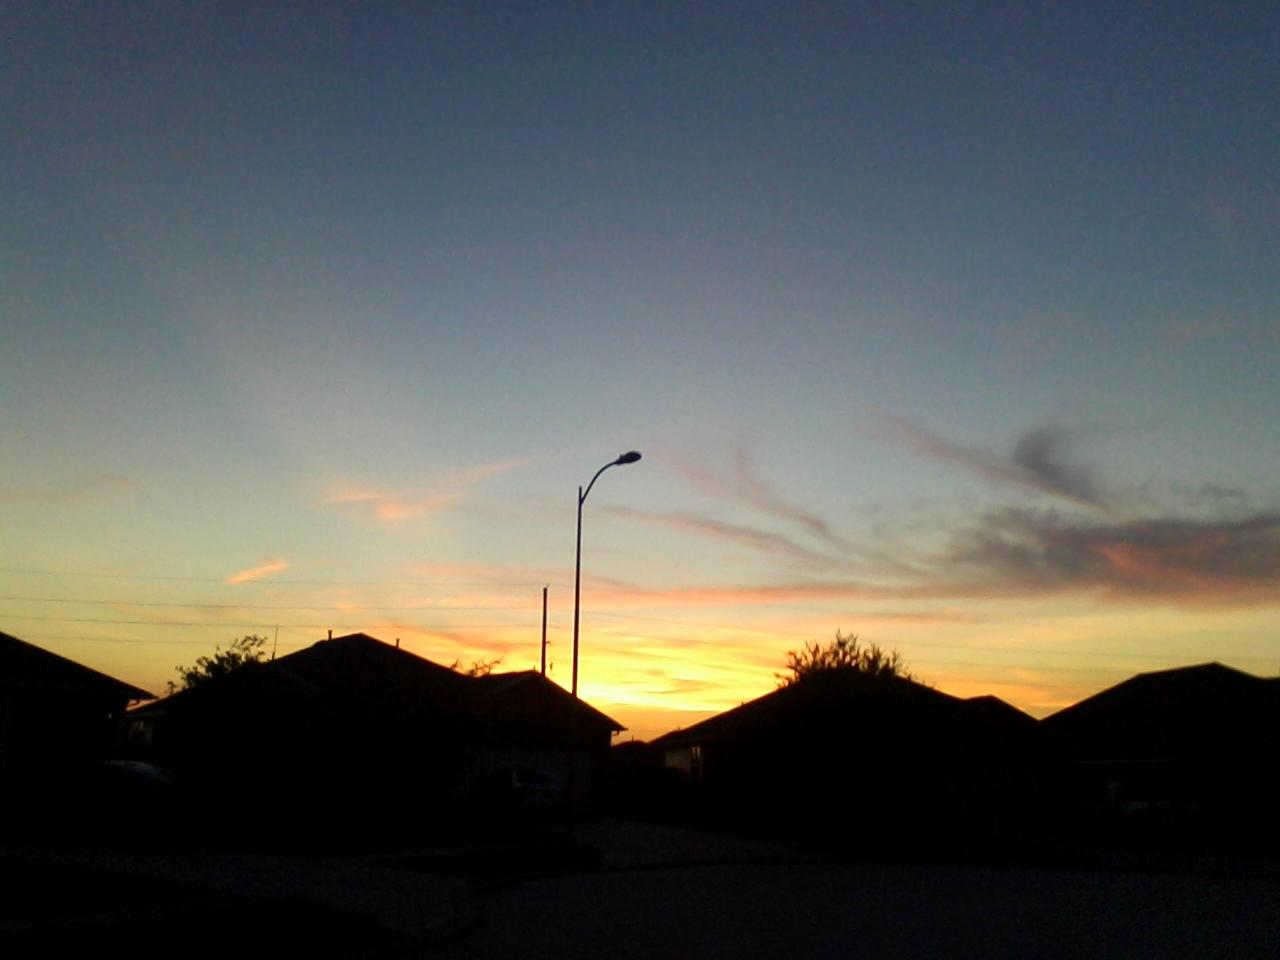 Sky - 0709203825.jpg